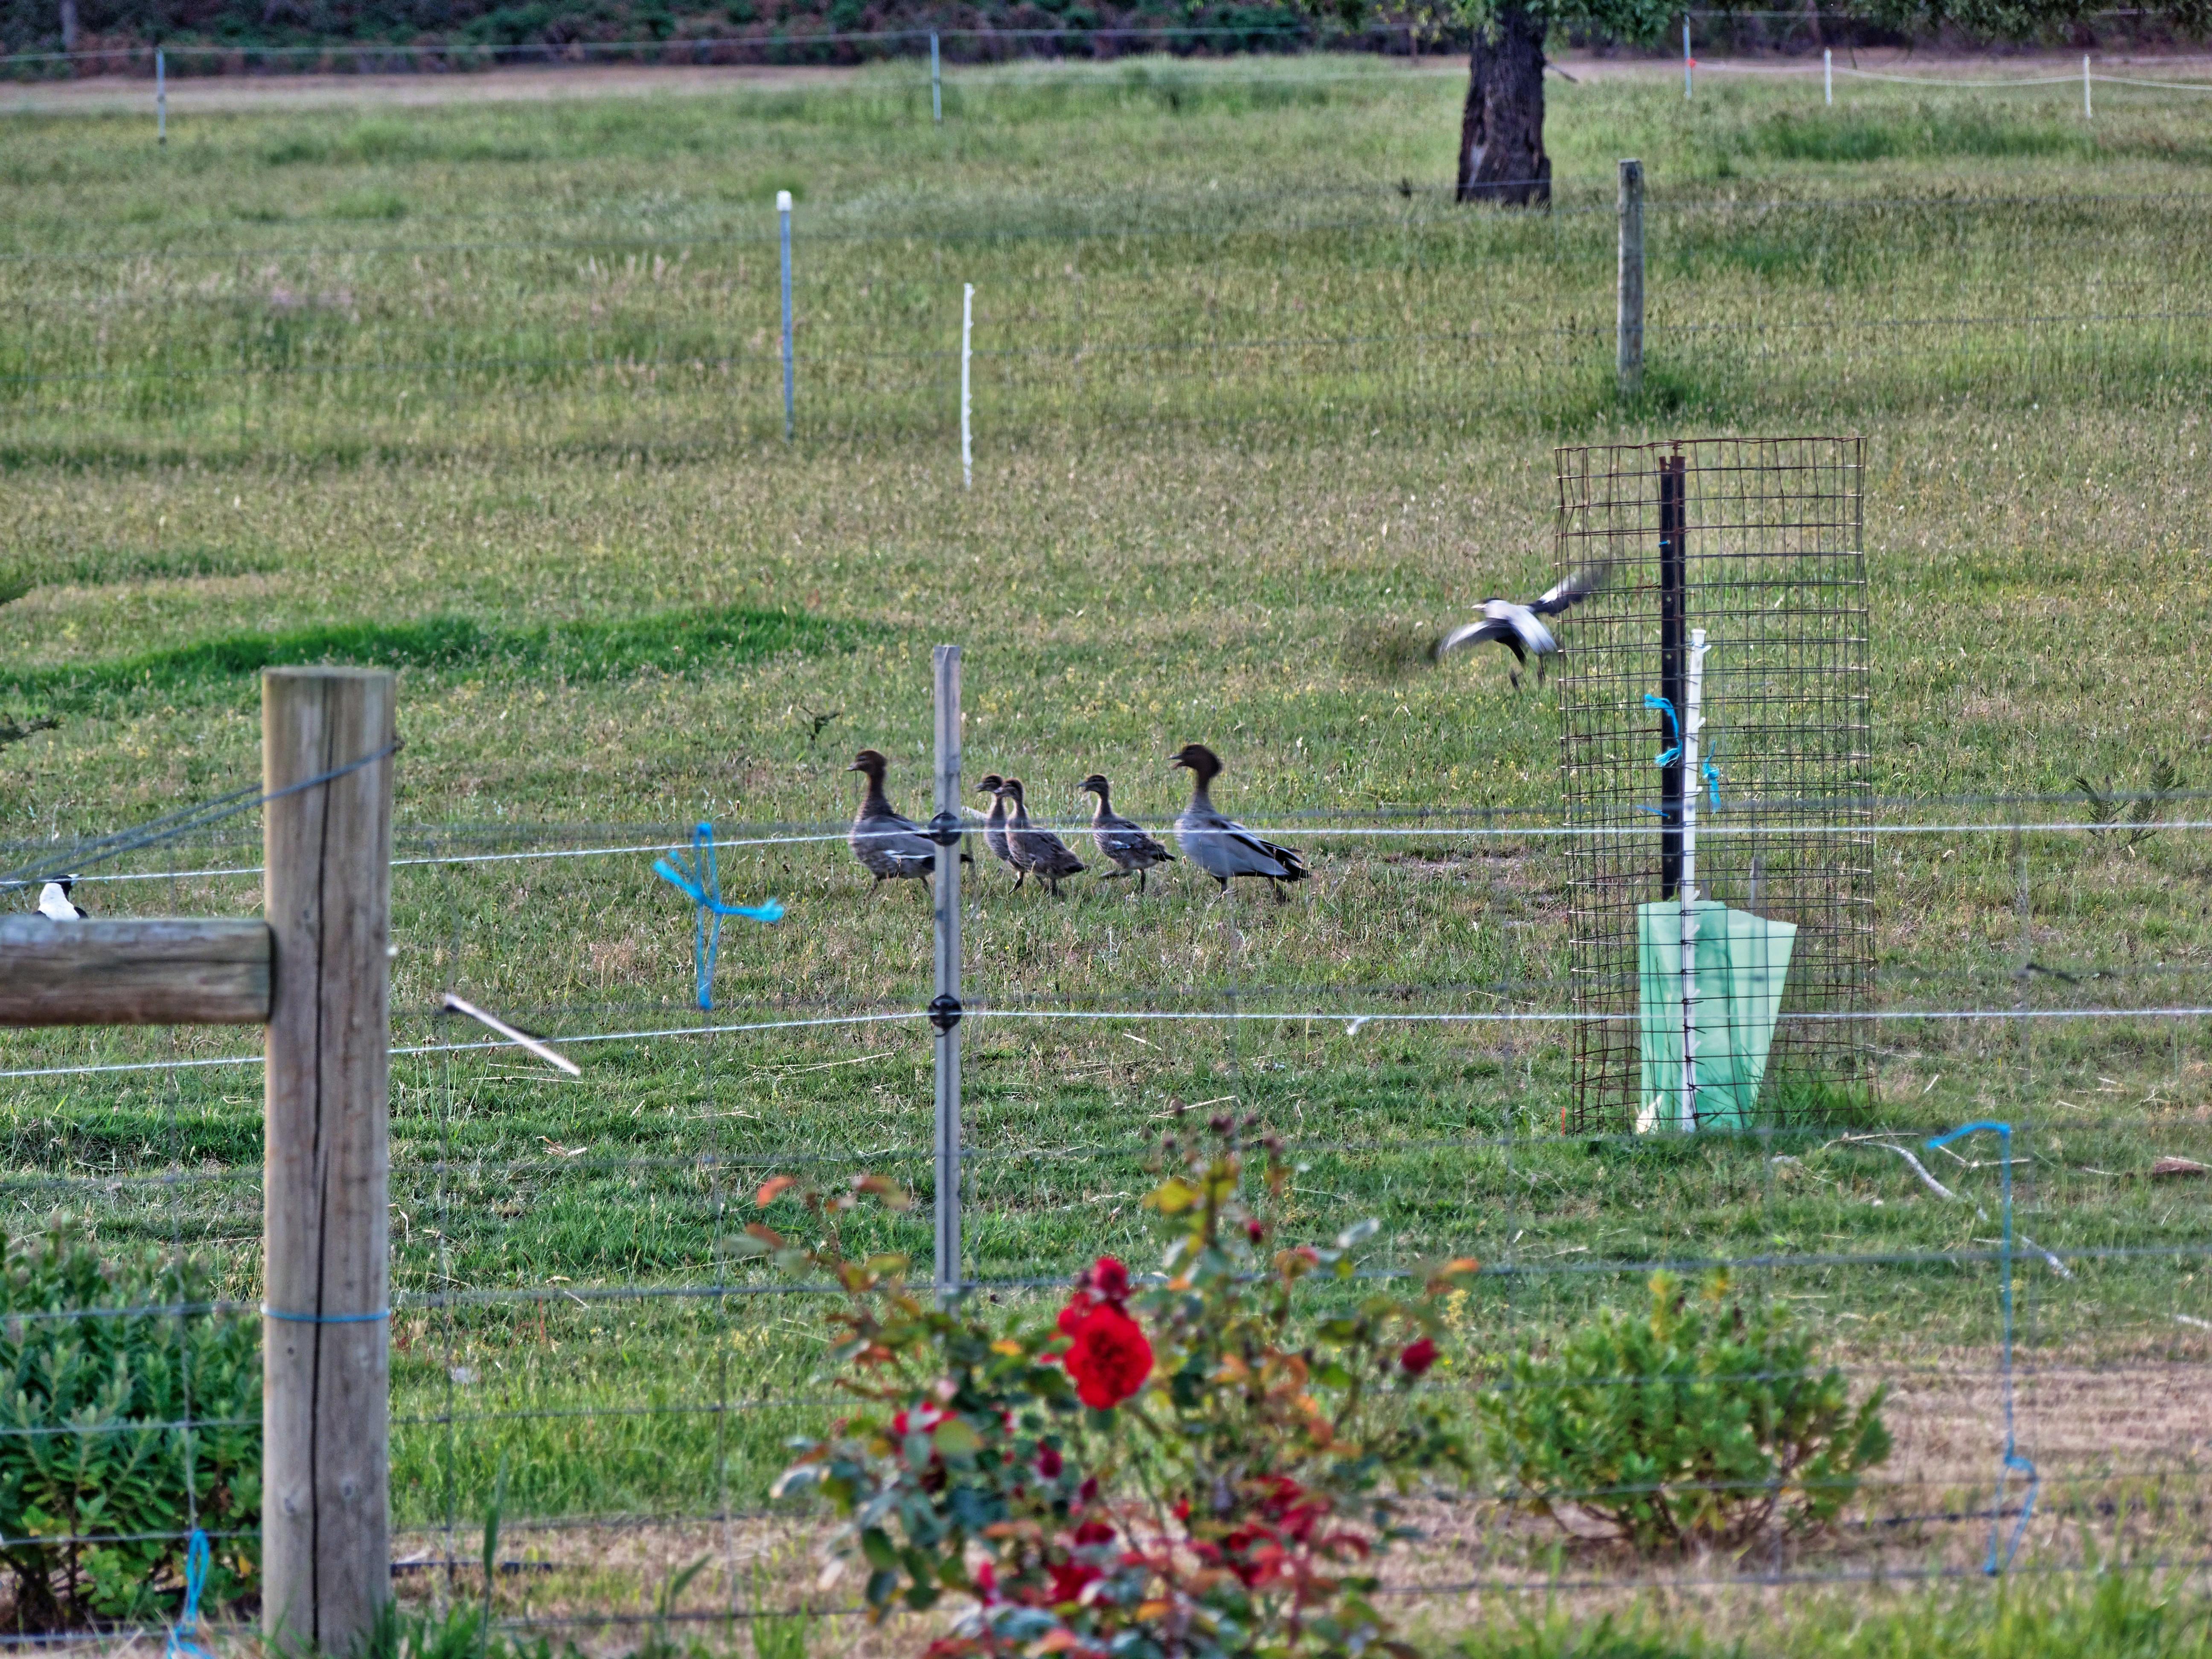 Magpies-and-ducks-8.jpeg